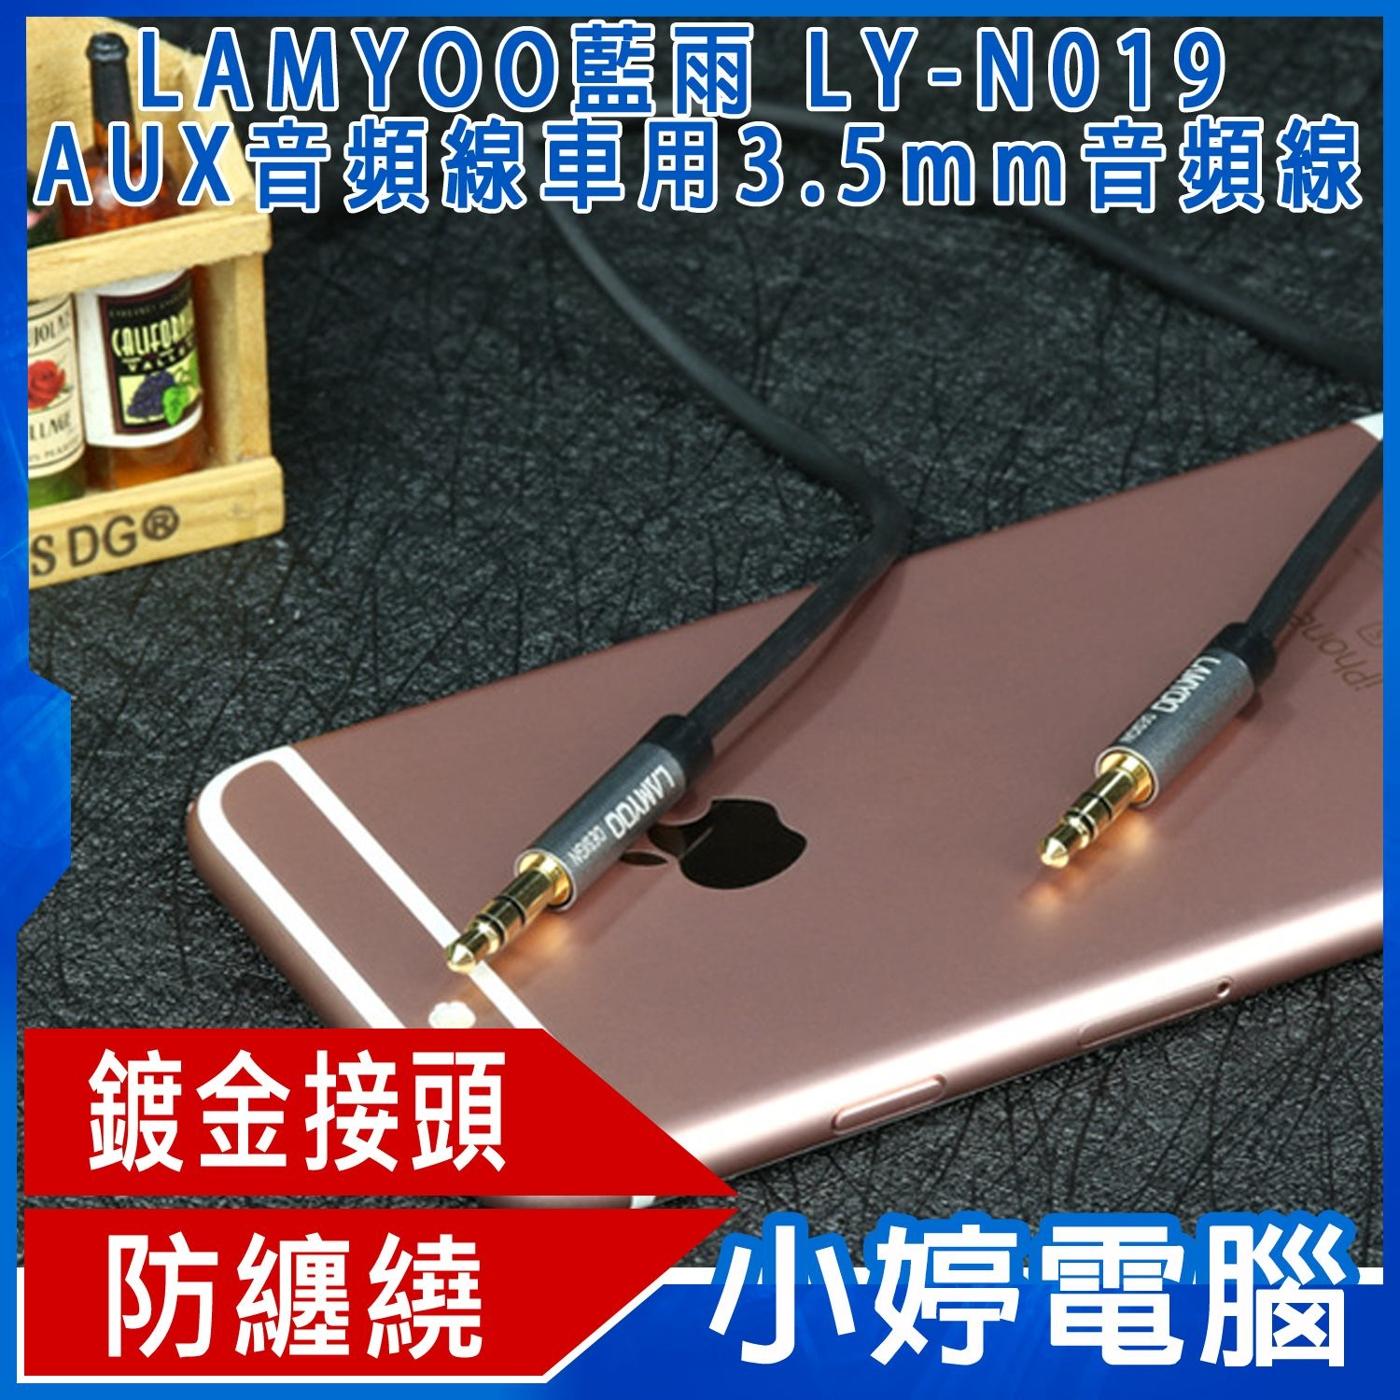 【24期零利率】全新 藍雨 LAMYOO 3.5mm鍍金車載AUX音頻線 車用 手機/平板/MP3/1000MM